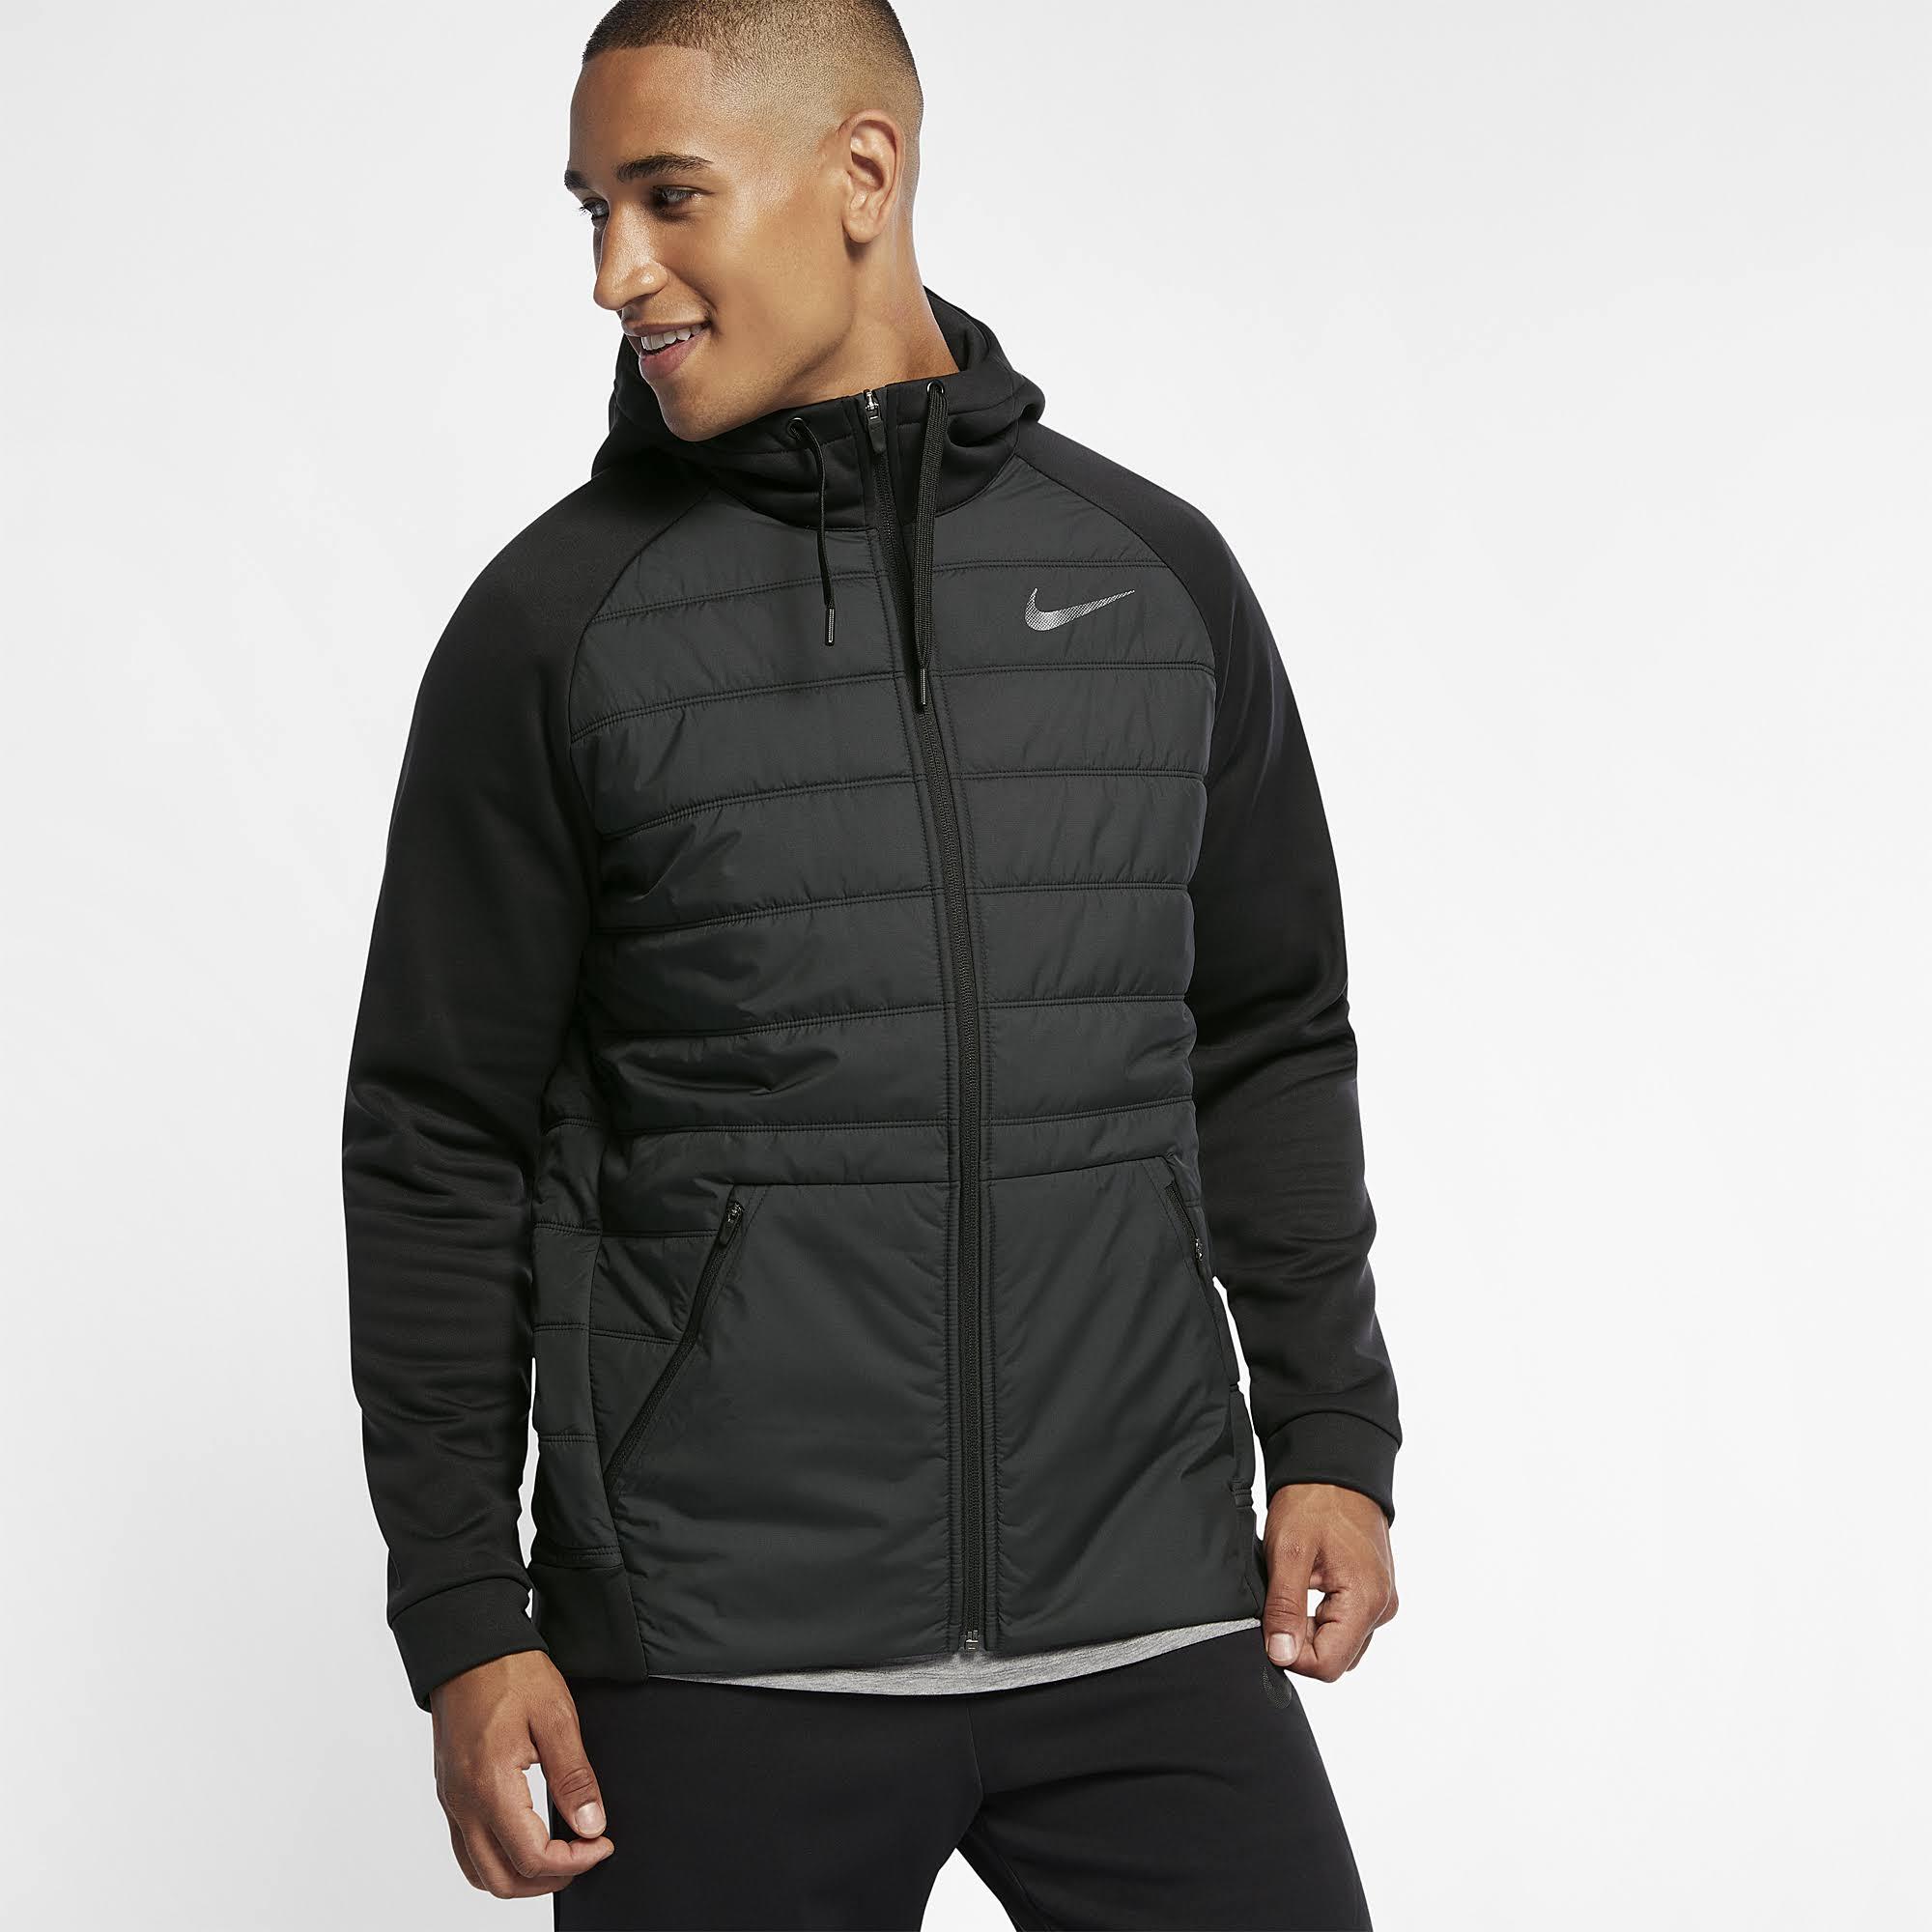 Herren Full Therma Nike zip trainingsjacke Schwarz Small Größe 1ZqxCw